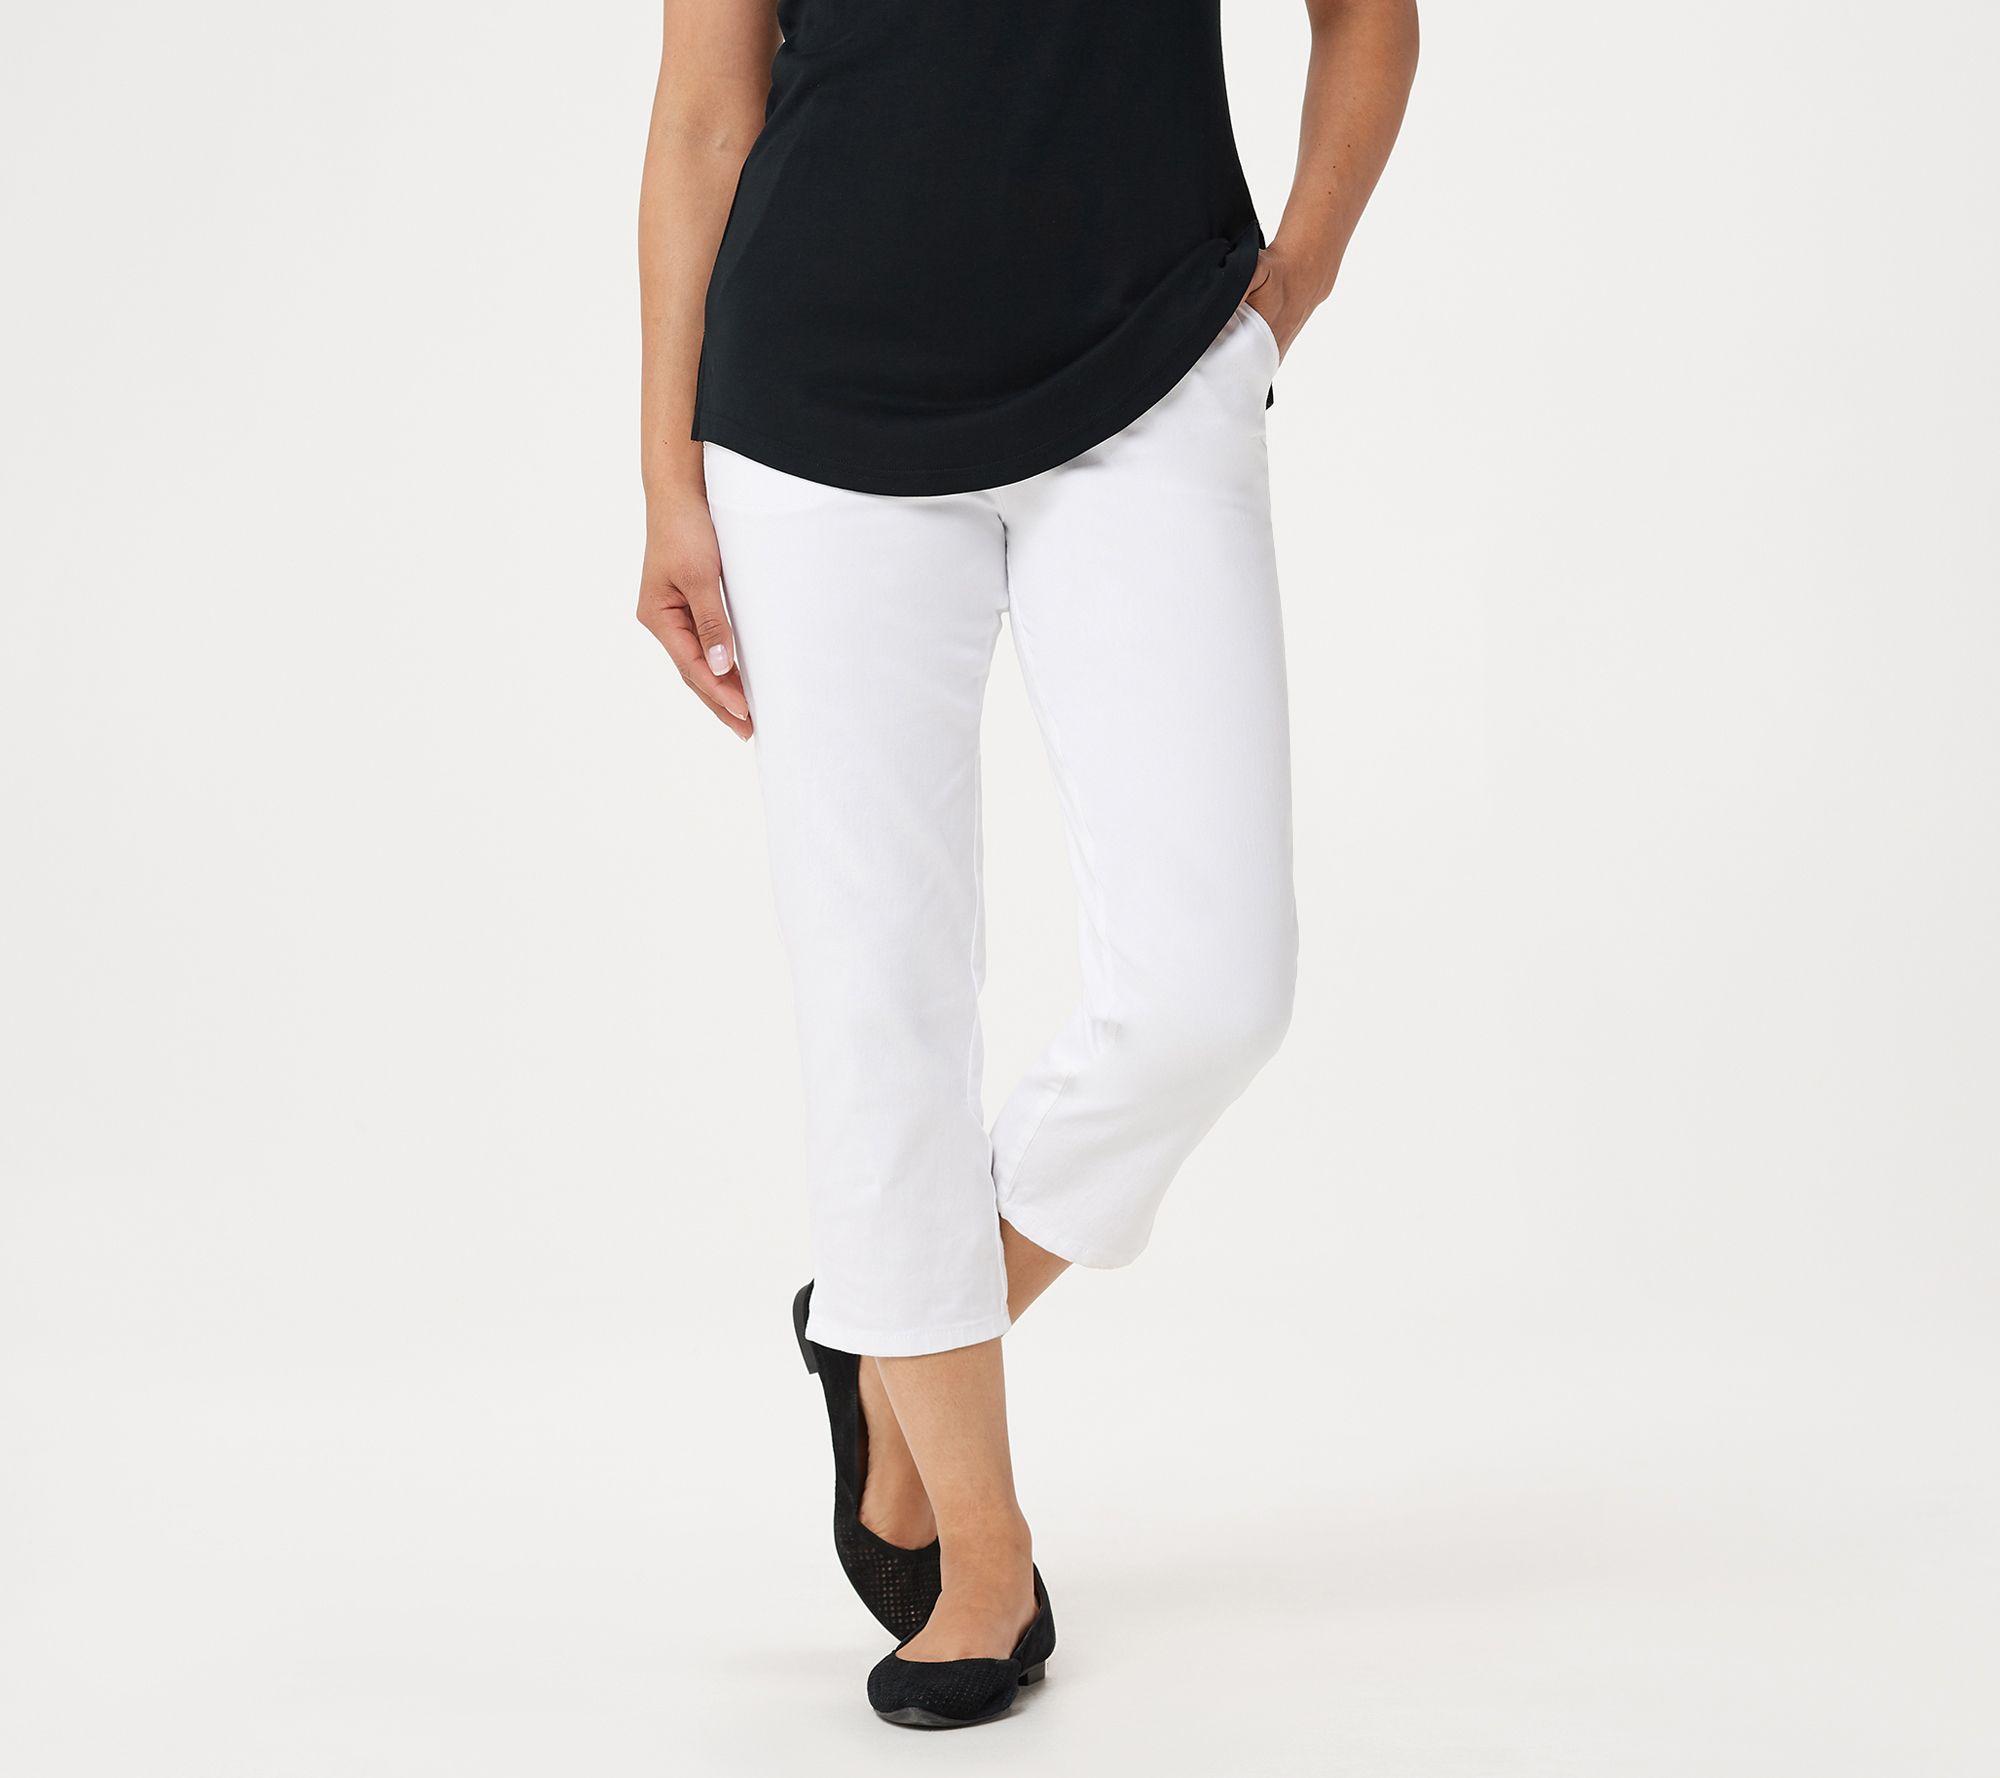 CROP PANTS how timeless LATTICE hem Khaki Size XL size QVC Denim /& Co